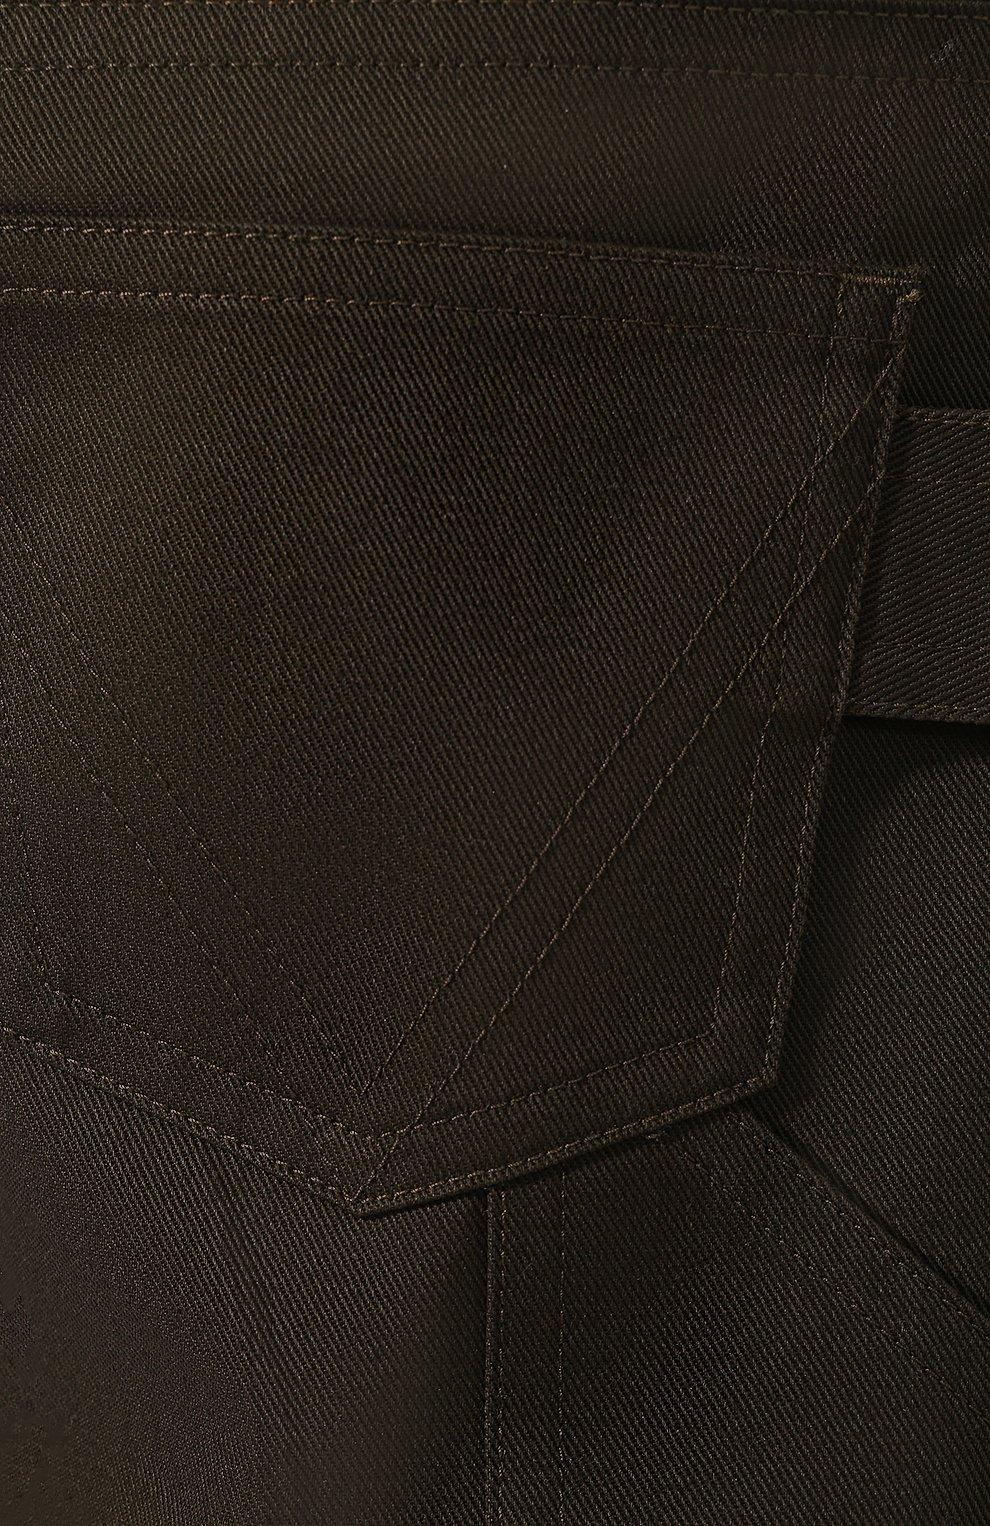 Мужские хлопковые шорты BOTTEGA VENETA хаки цвета, арт. 572996/VF4T0 | Фото 5 (Мужское Кросс-КТ: Шорты-одежда; Принт: Без принта; Длина Шорты М: Ниже колена; Материал внешний: Хлопок; Стили: Минимализм; Статус проверки: Проверена категория)